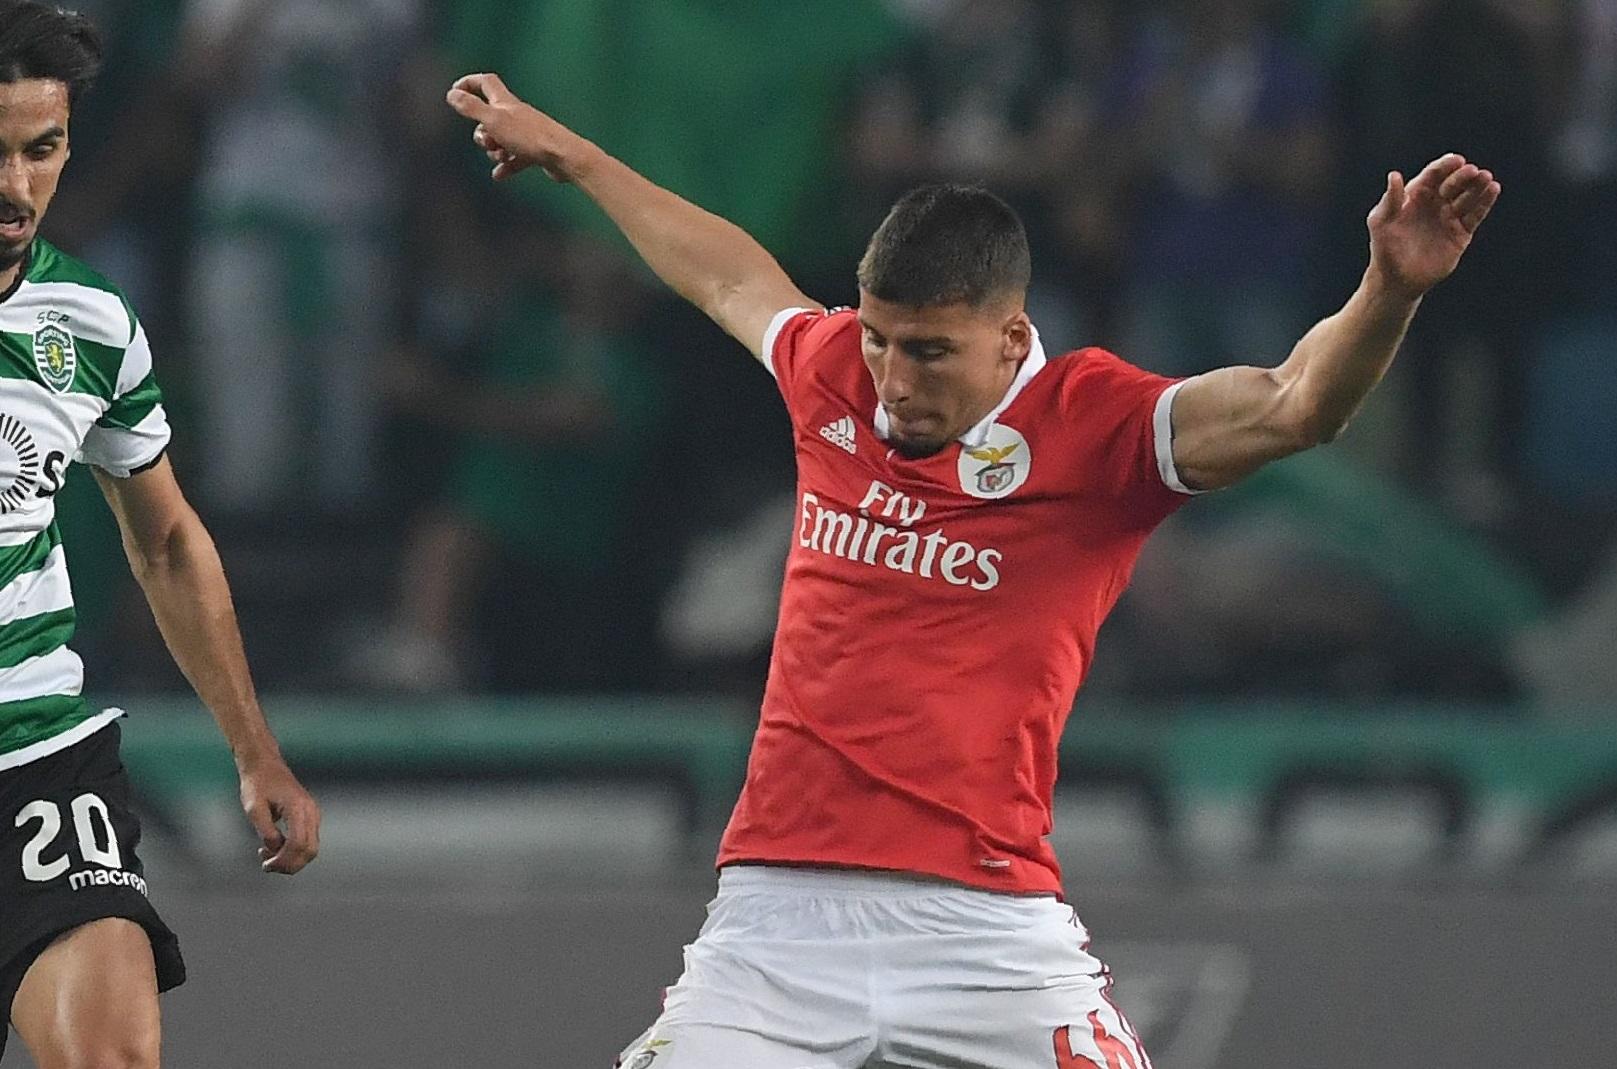 Liga. Rúben Dias suspenso dois jogos; Benfica contra-ataca